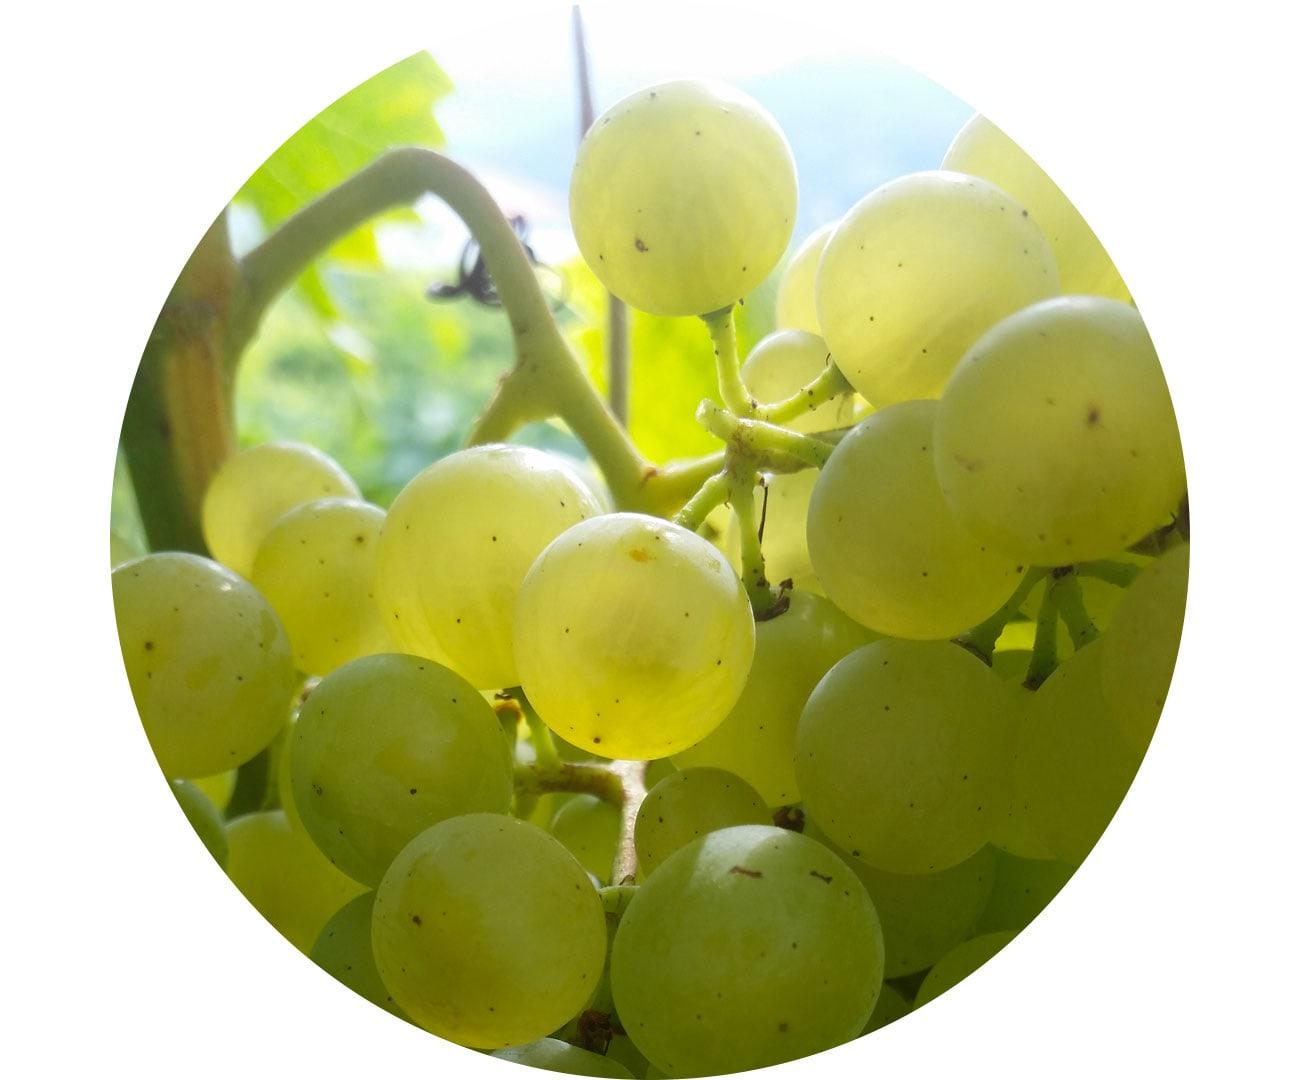 nani-martin-grappolo-uva